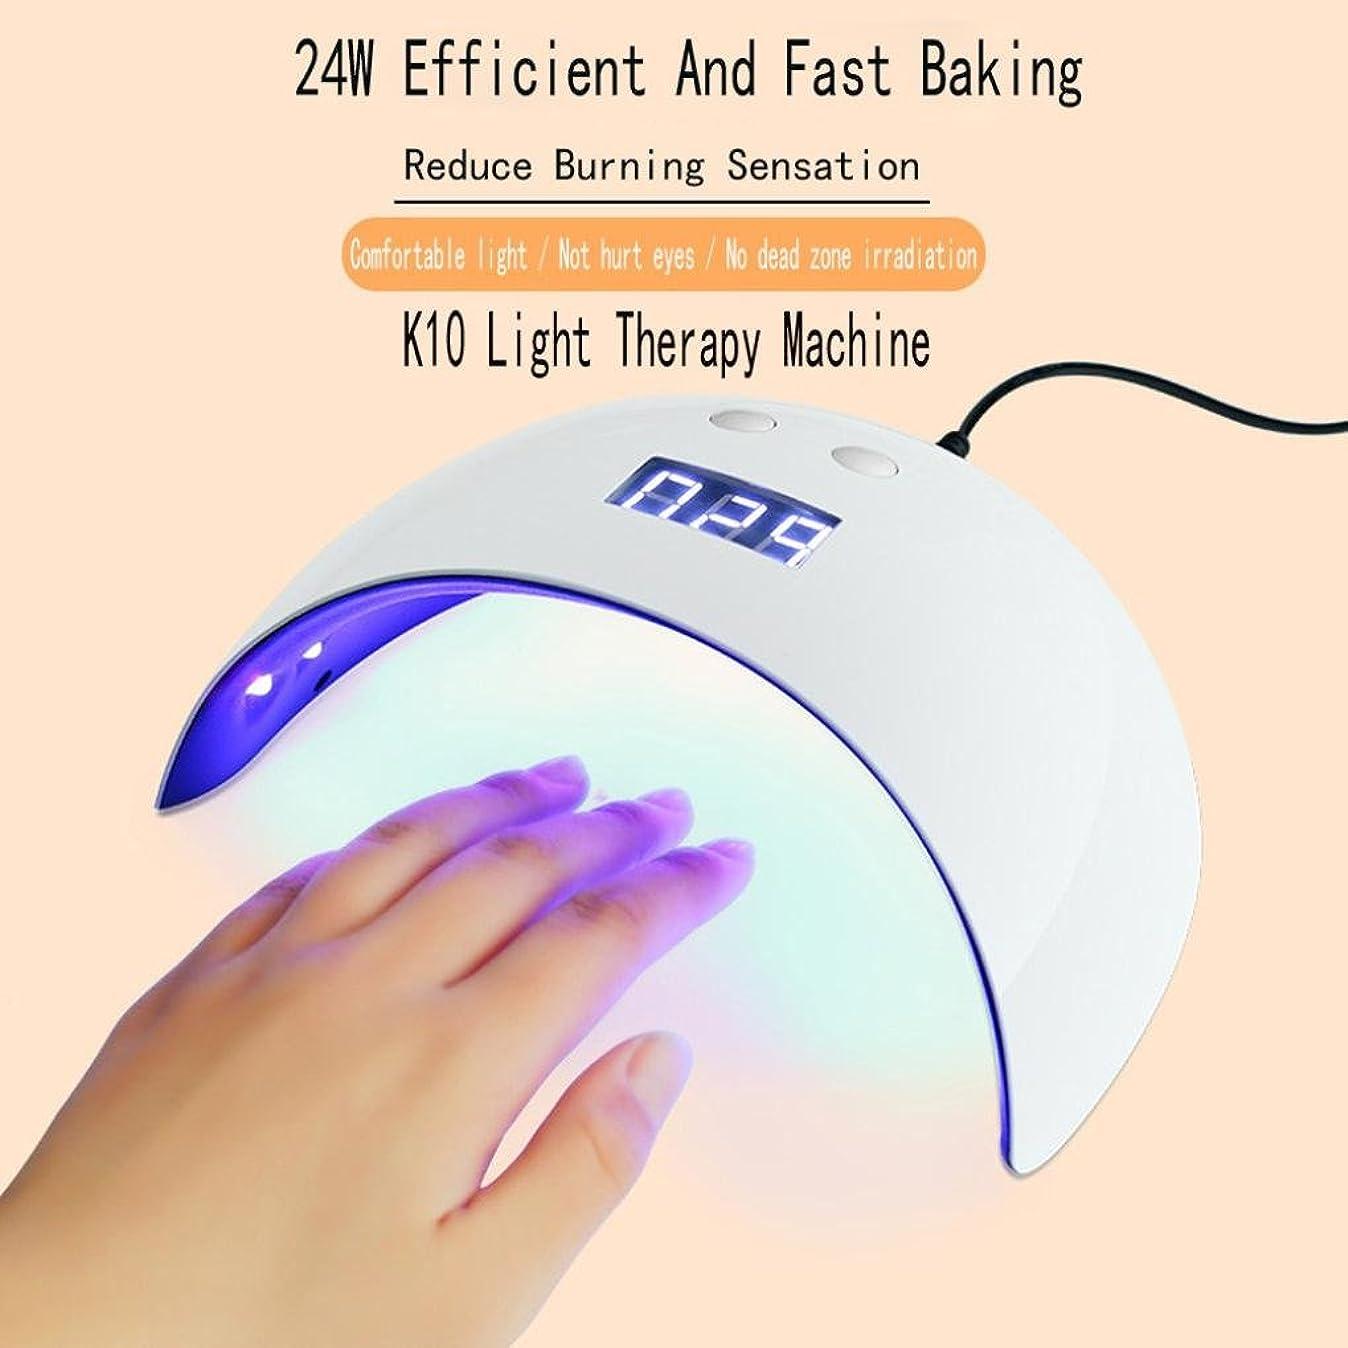 内部失効巨人SakuraBest USB 24W LEDネイルライトセラピーネイル爪乾燥ランプ